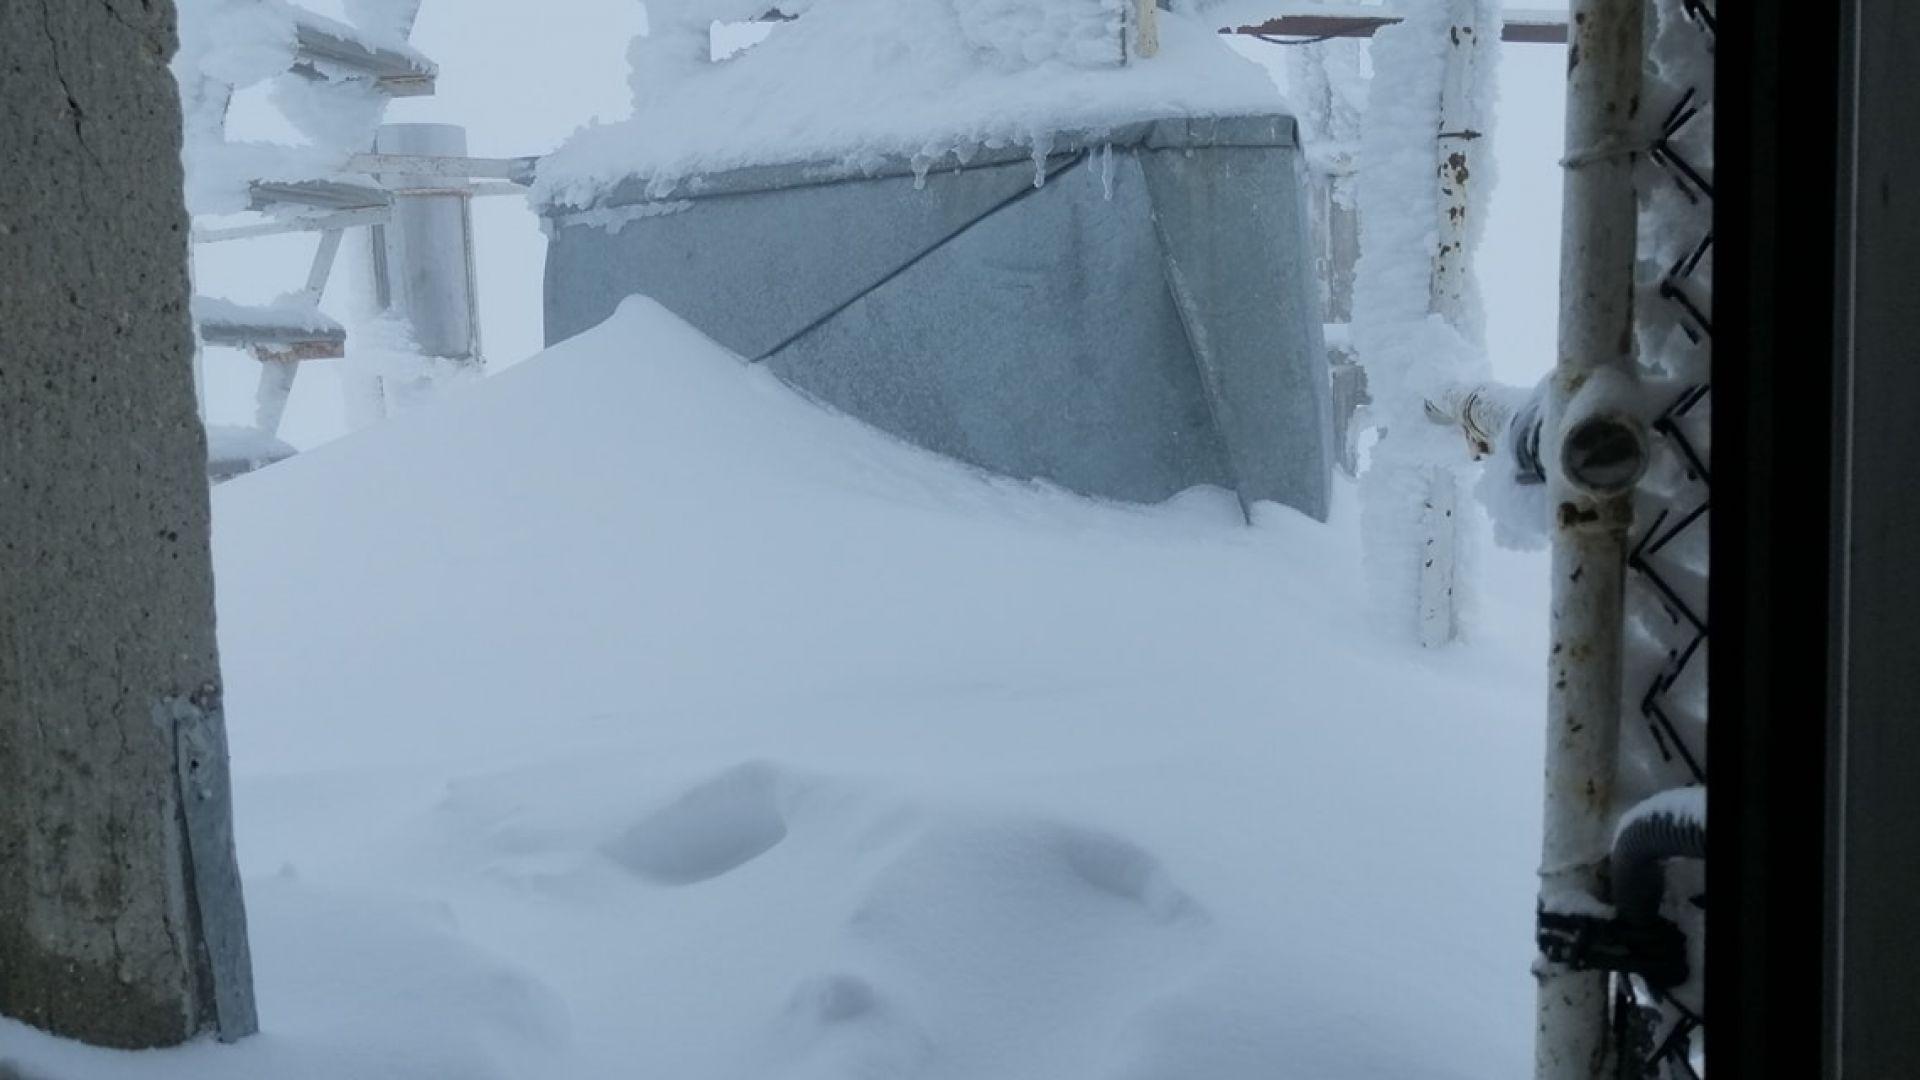 20 см нов сняг затрупа връх Мусала, дъжд ни чака през следващите дни